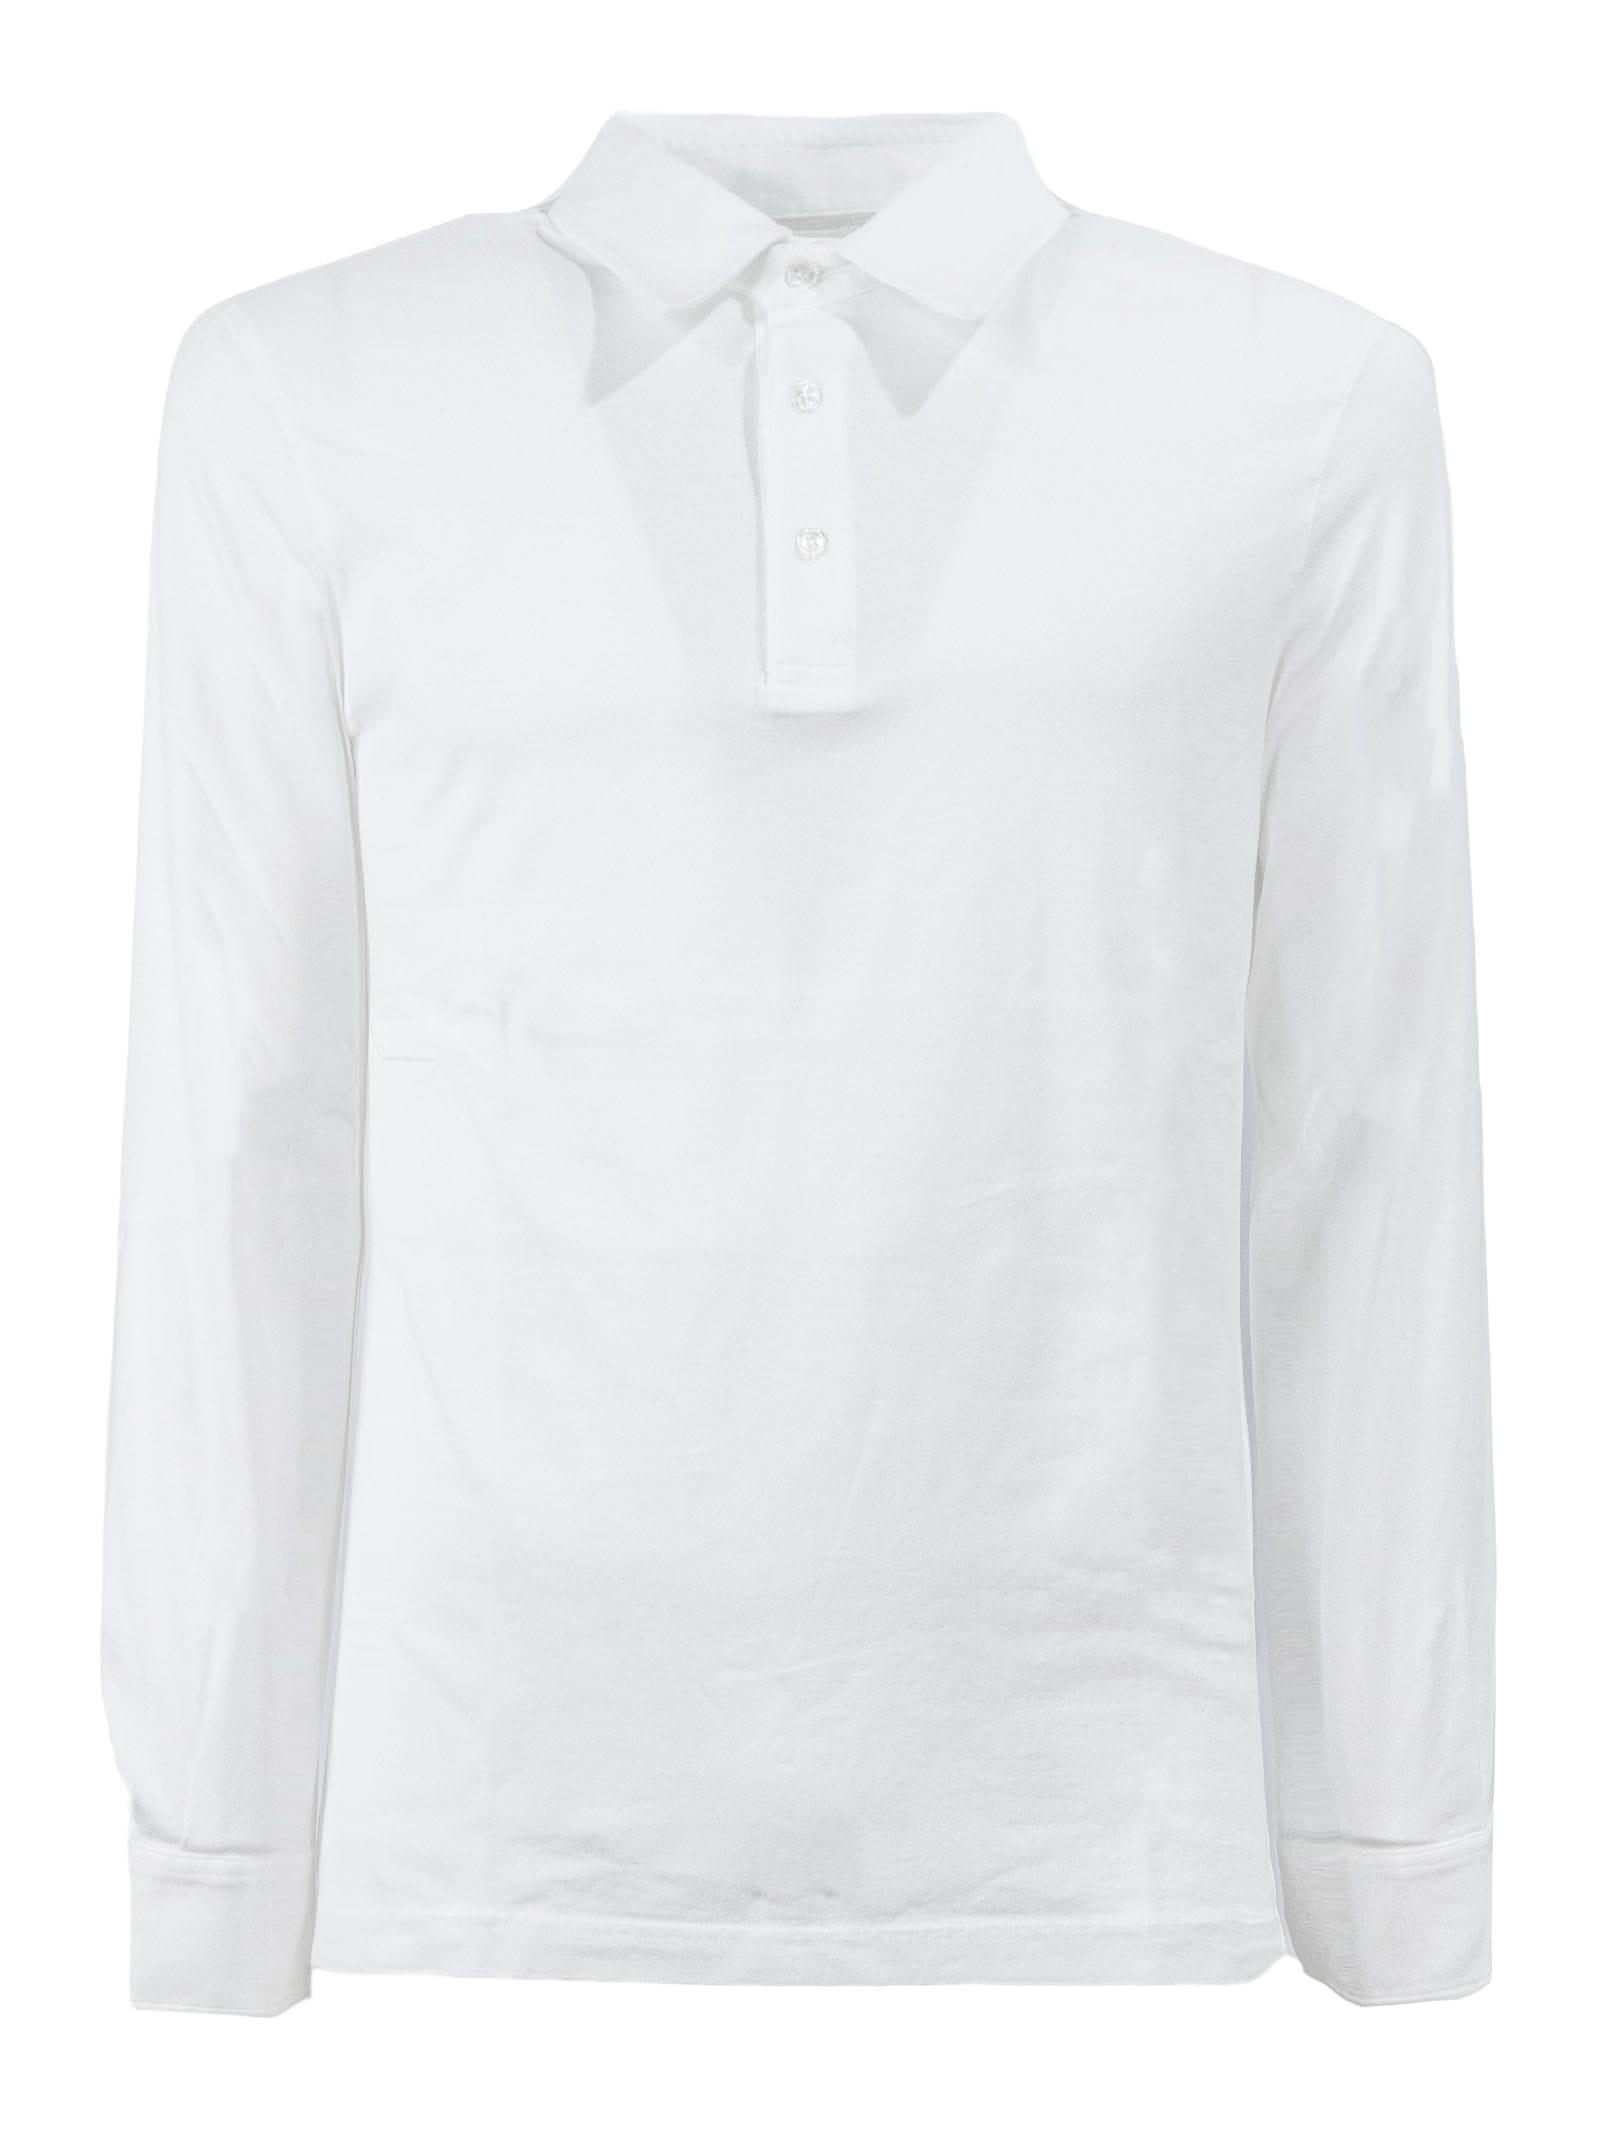 Fedeli White Cotton Polo Shirt